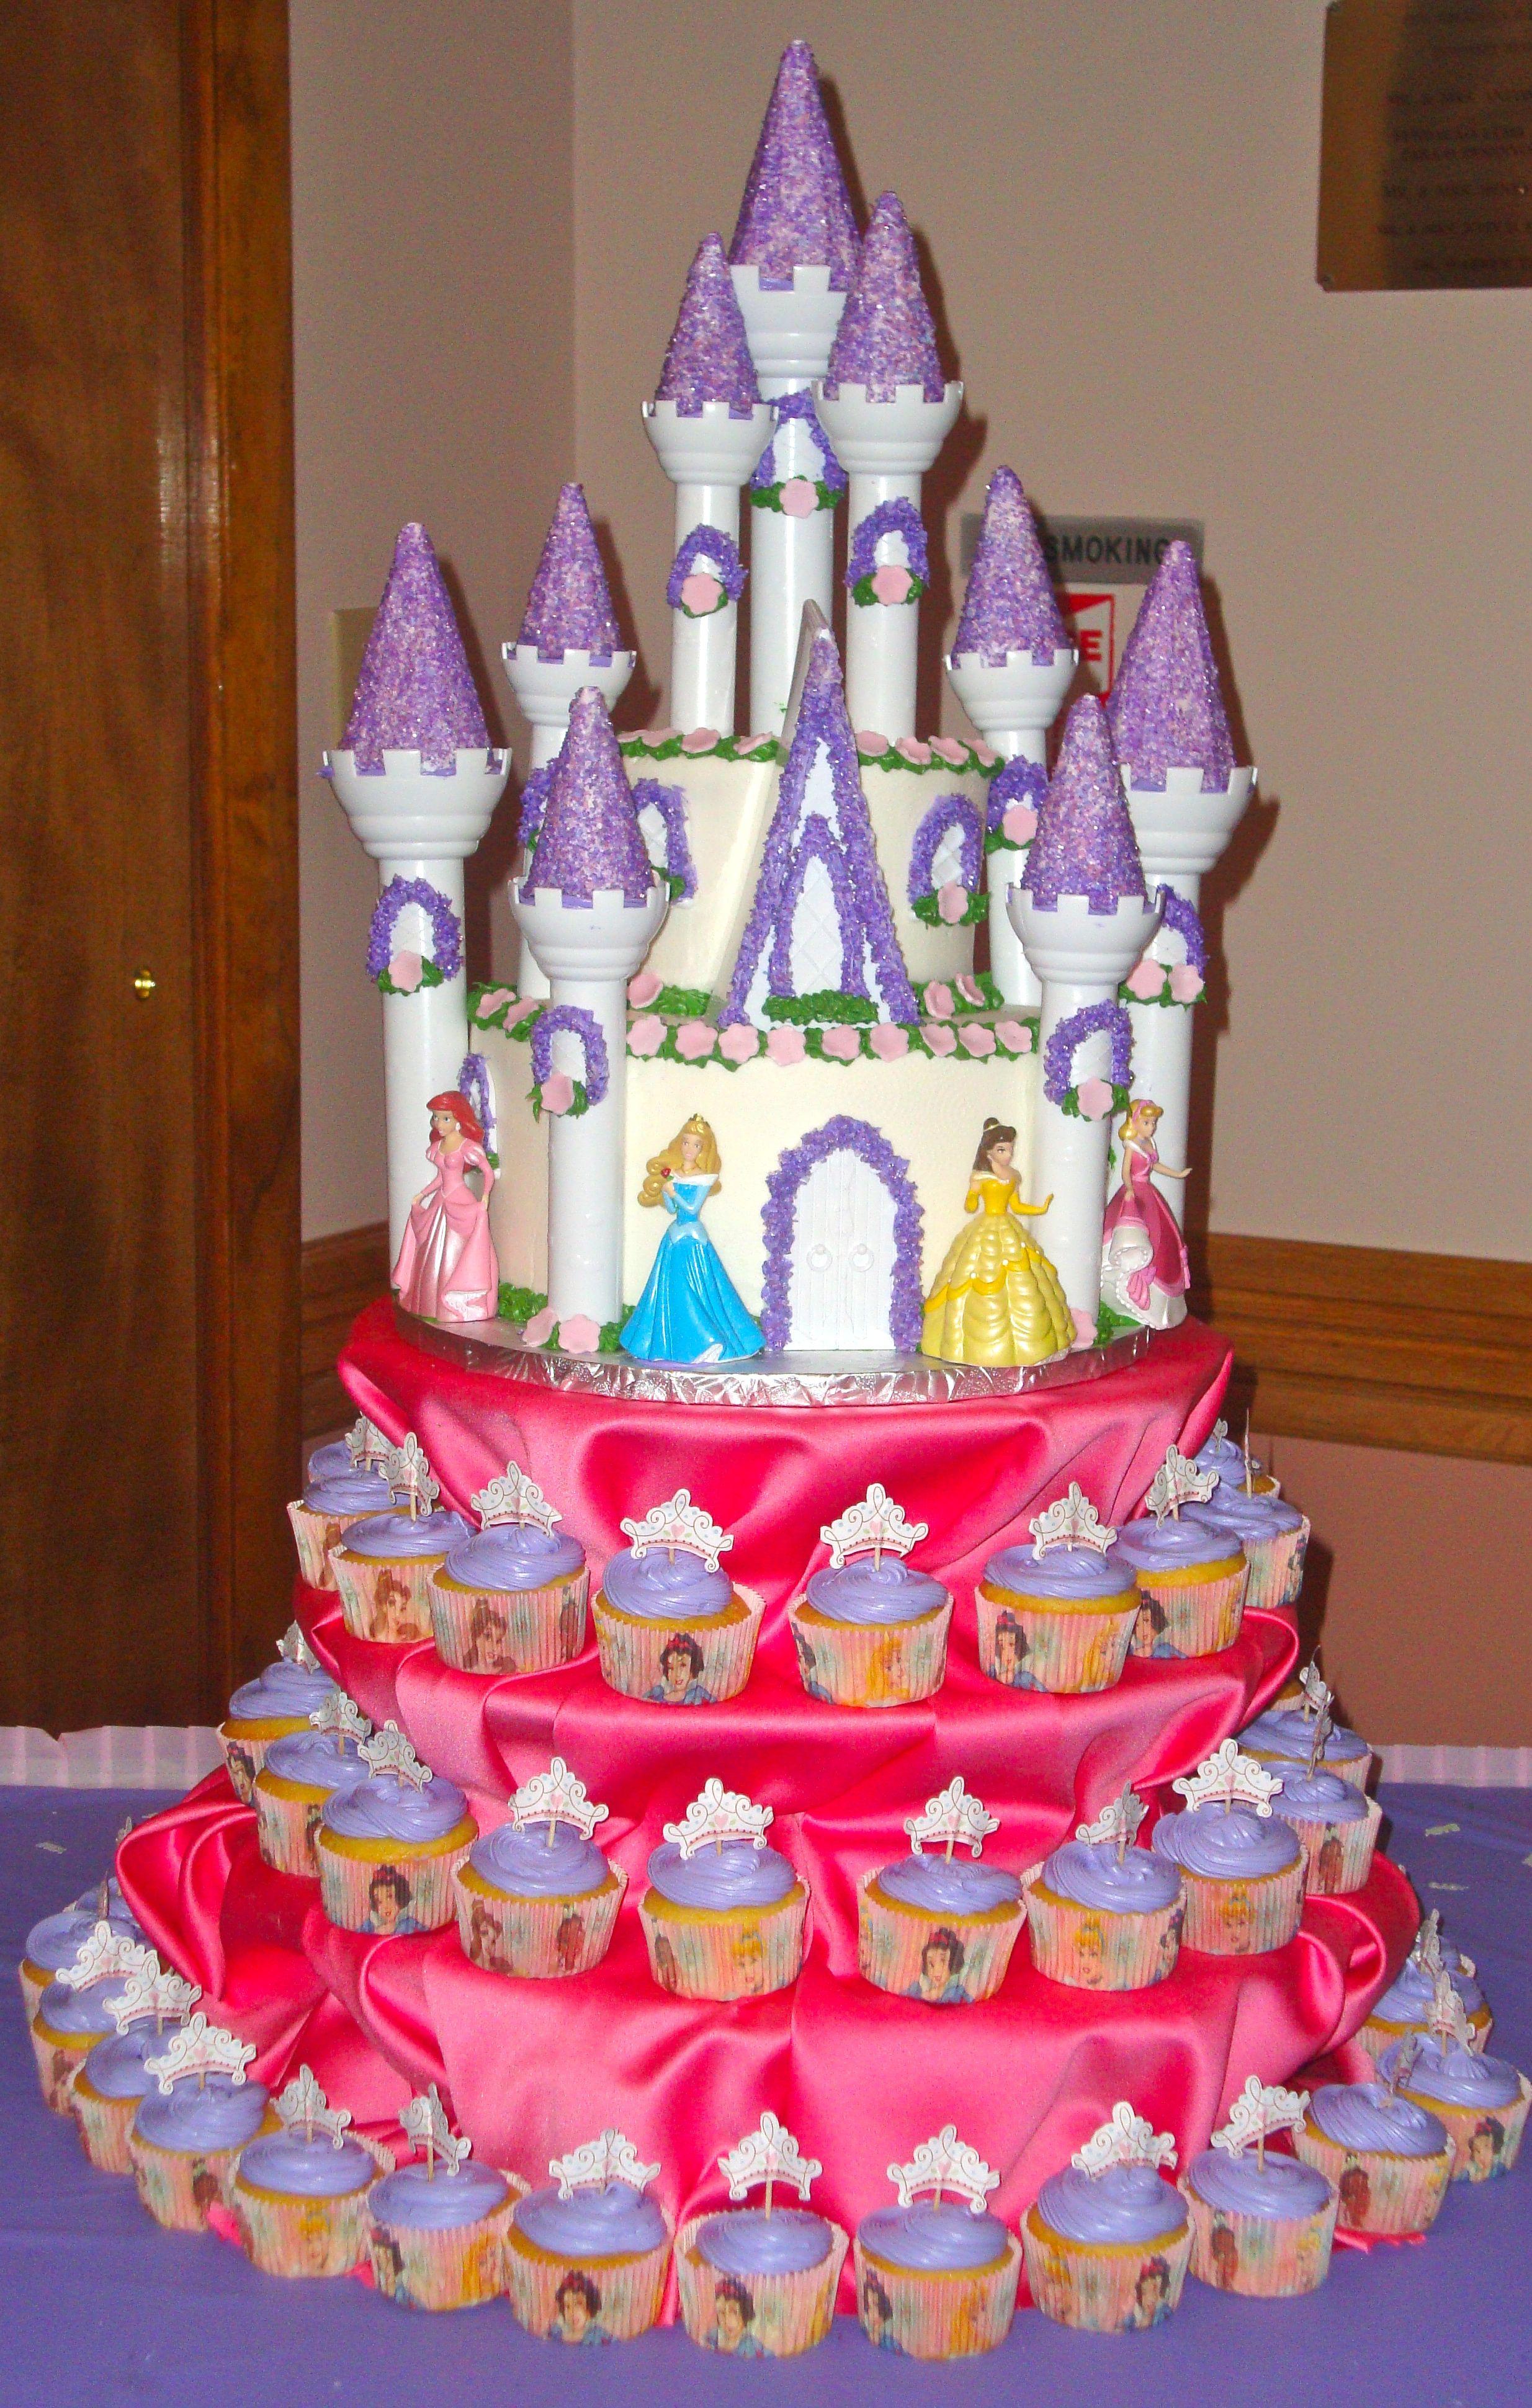 Awesome Disney Princess Cupcake Tower Disney Princess Cupcakes Princess Funny Birthday Cards Online Inifodamsfinfo